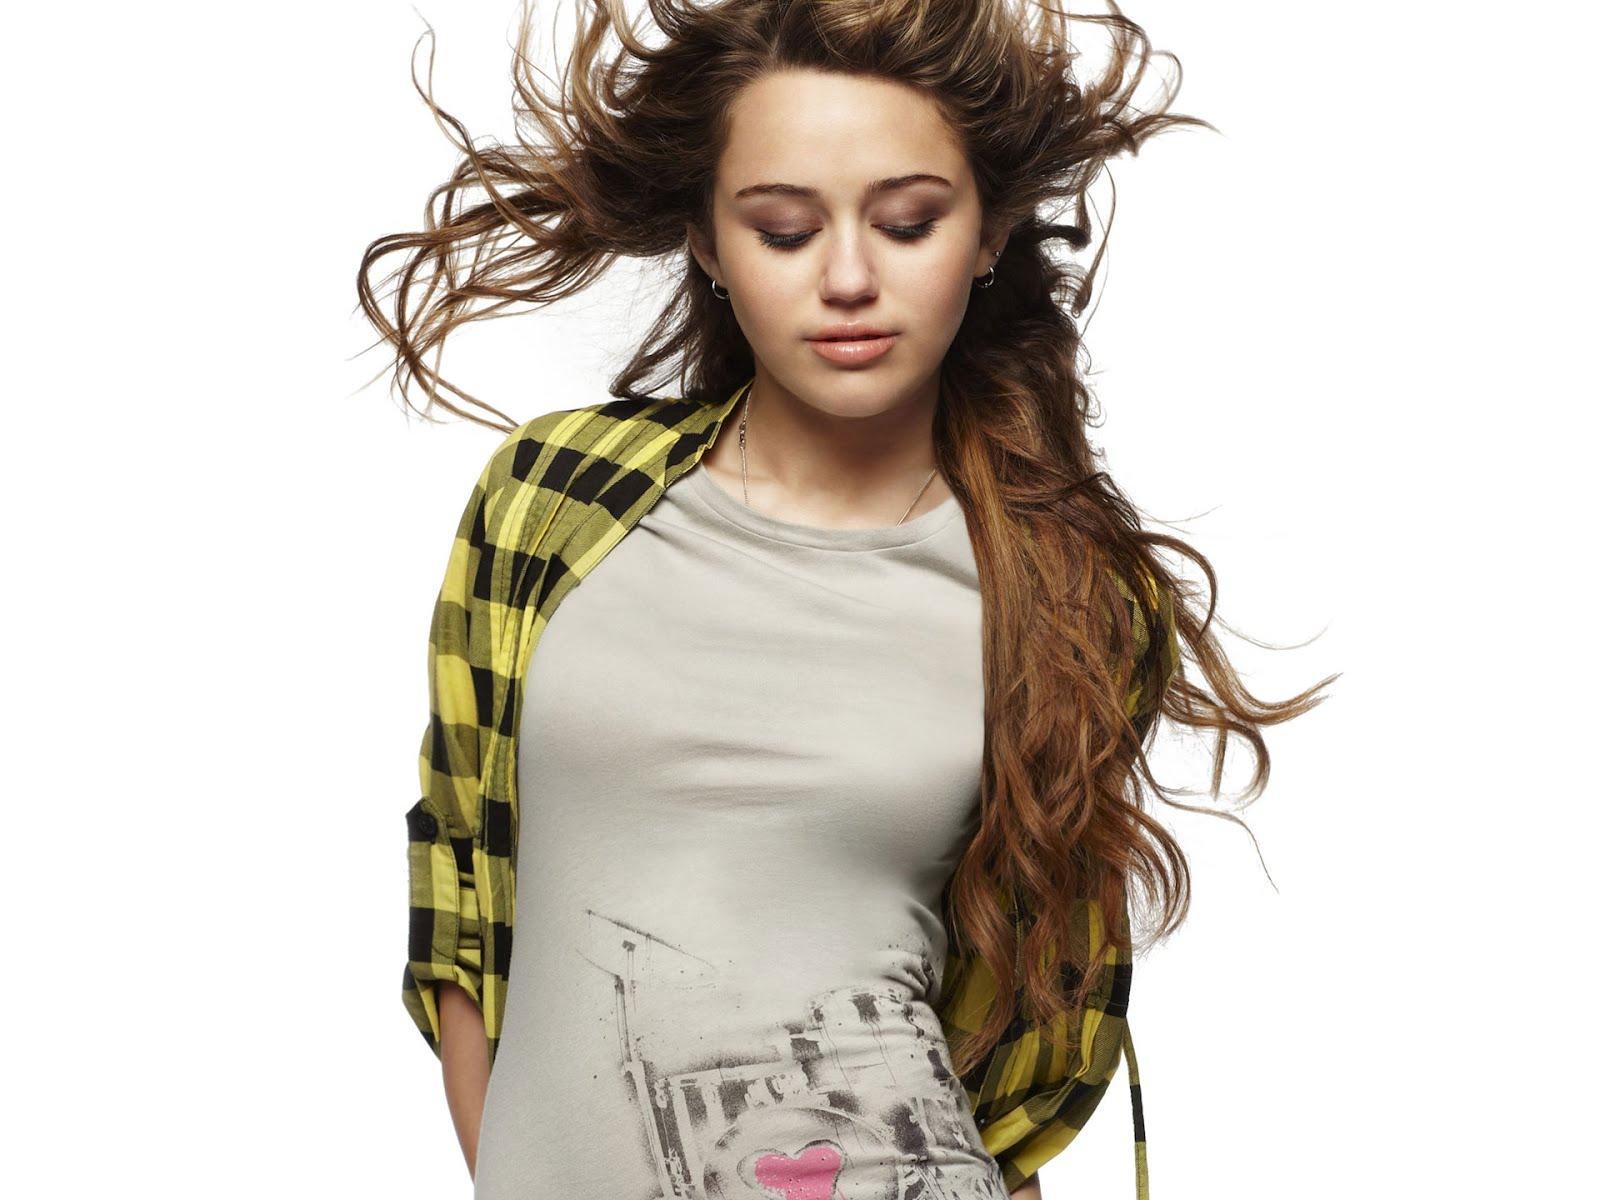 http://2.bp.blogspot.com/-V0Mjo5c8DC8/T_5m2F5FCJI/AAAAAAAAHc0/XbRu8SU6s0k/s1600/Miley-cyrus-hot-pix%2B%25282%2529.jpg